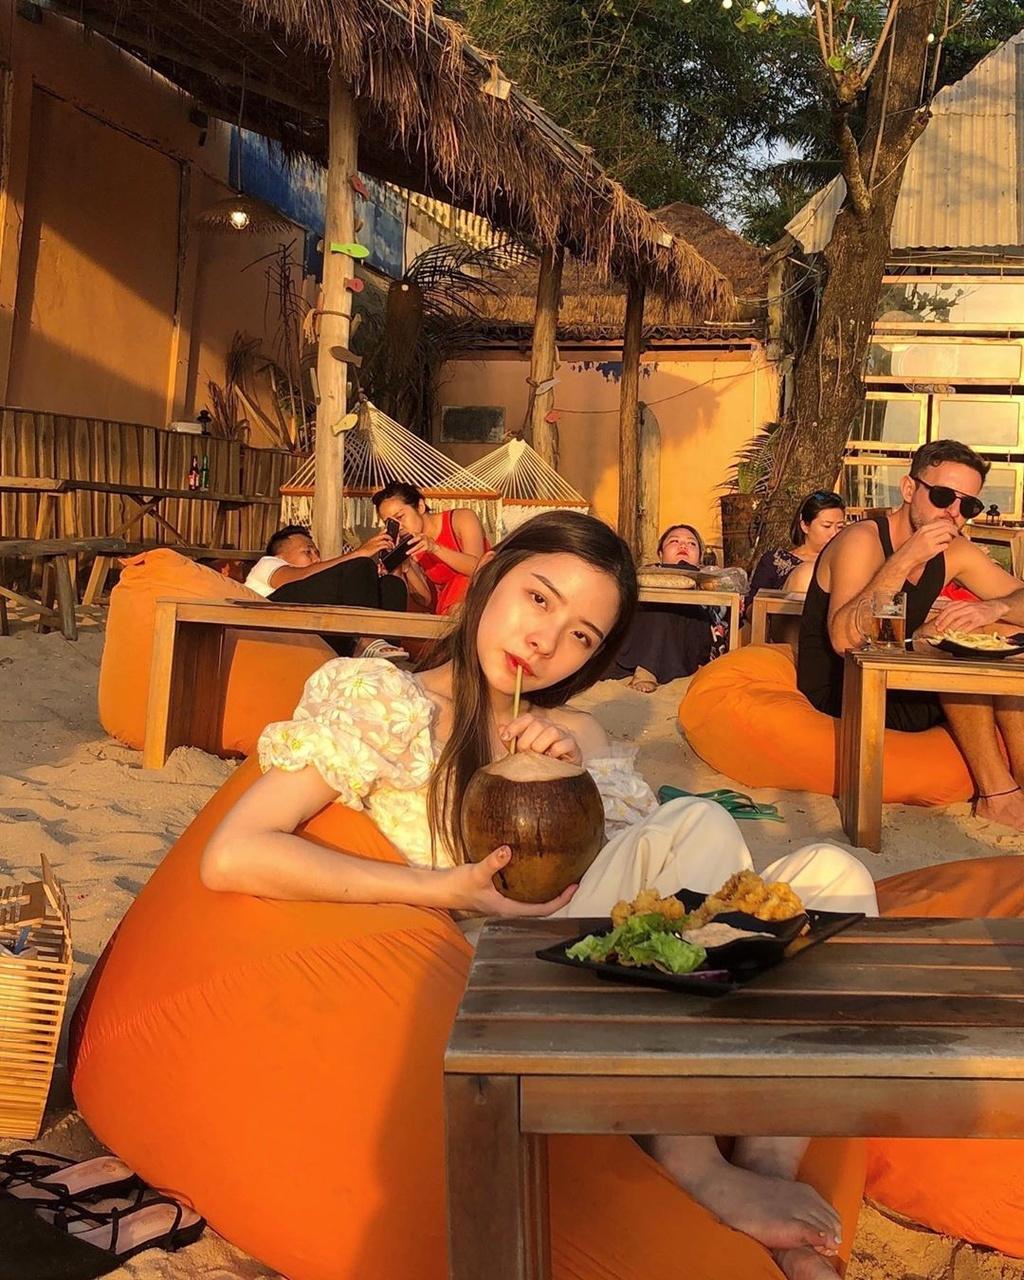 Chill het nac tai 4 diem ca phe view bien tuyet dep o Phu Quoc hinh anh 1  - eadakong__1 - Chill hết nấc tại 4 điểm cà phê view biển tuyệt đẹp ở Phú Quốc